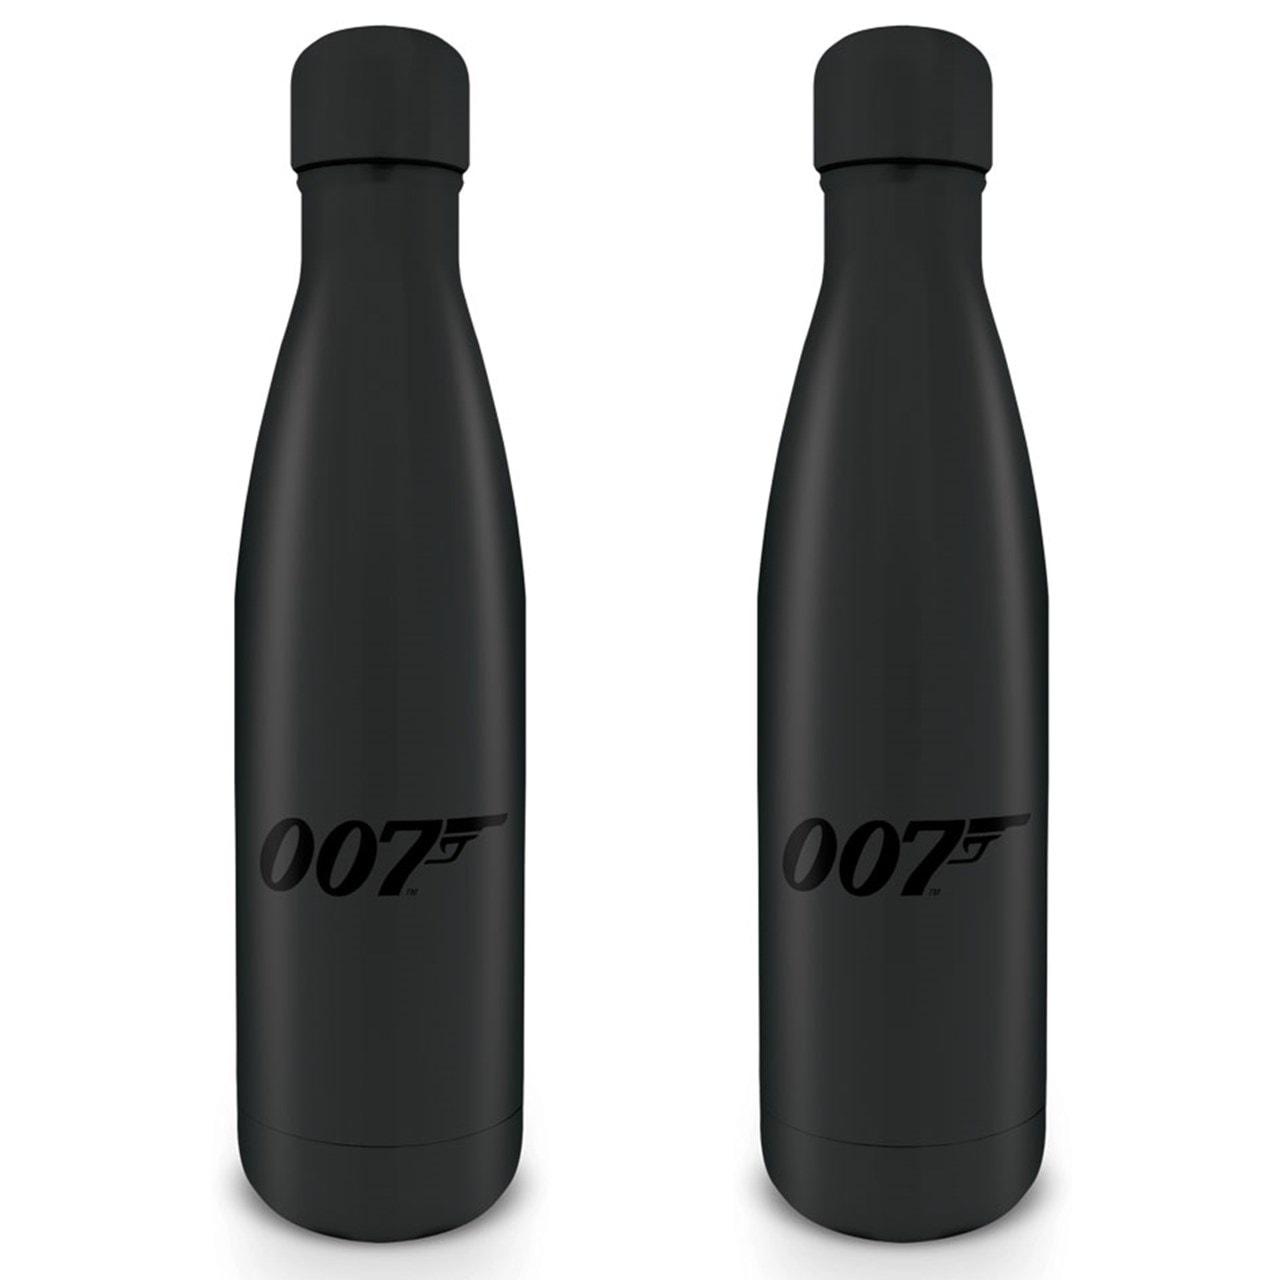 Metal Drink Bottle James Bond: 007 - 1